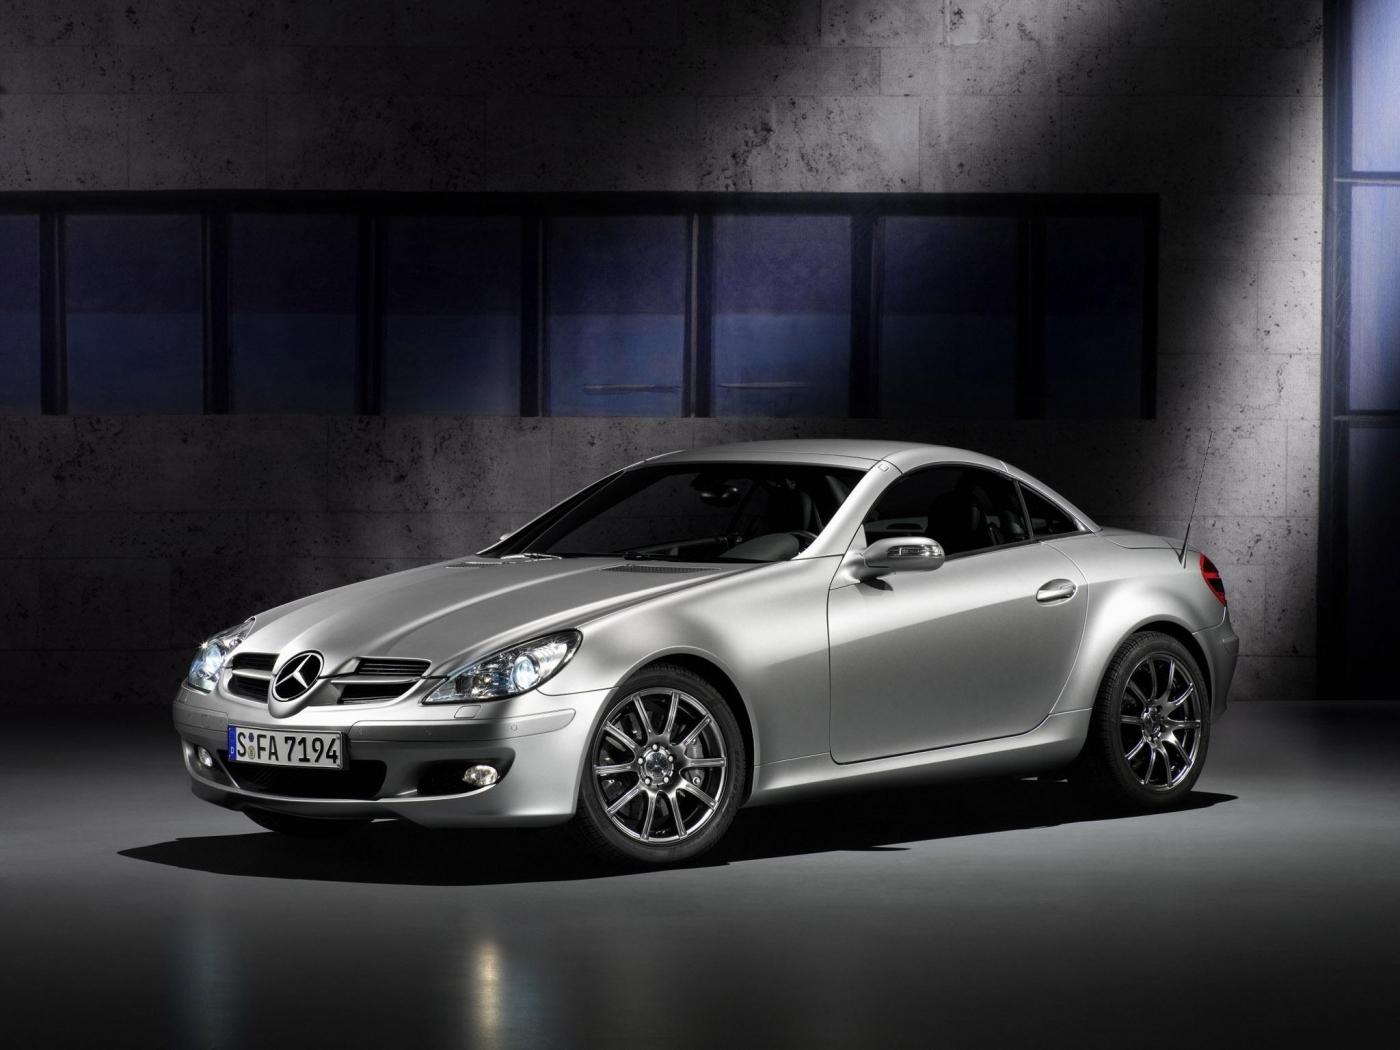 48139 скачать обои Транспорт, Машины, Мерседес (Mercedes) - заставки и картинки бесплатно